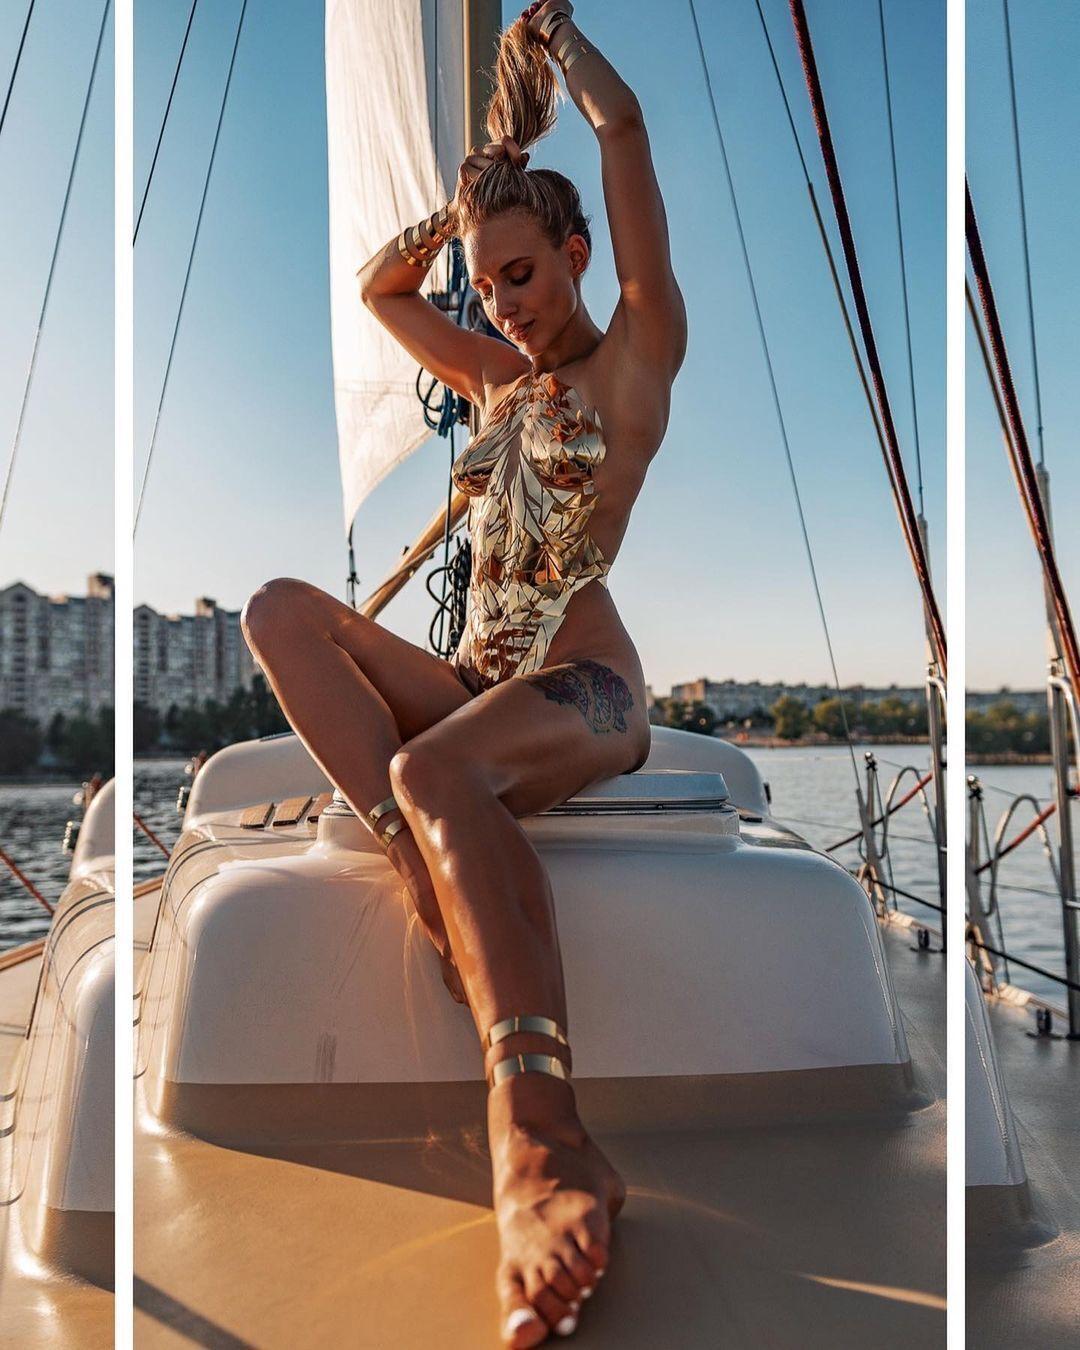 Украинская чемпионка мира снялась обнаженной в наклейках